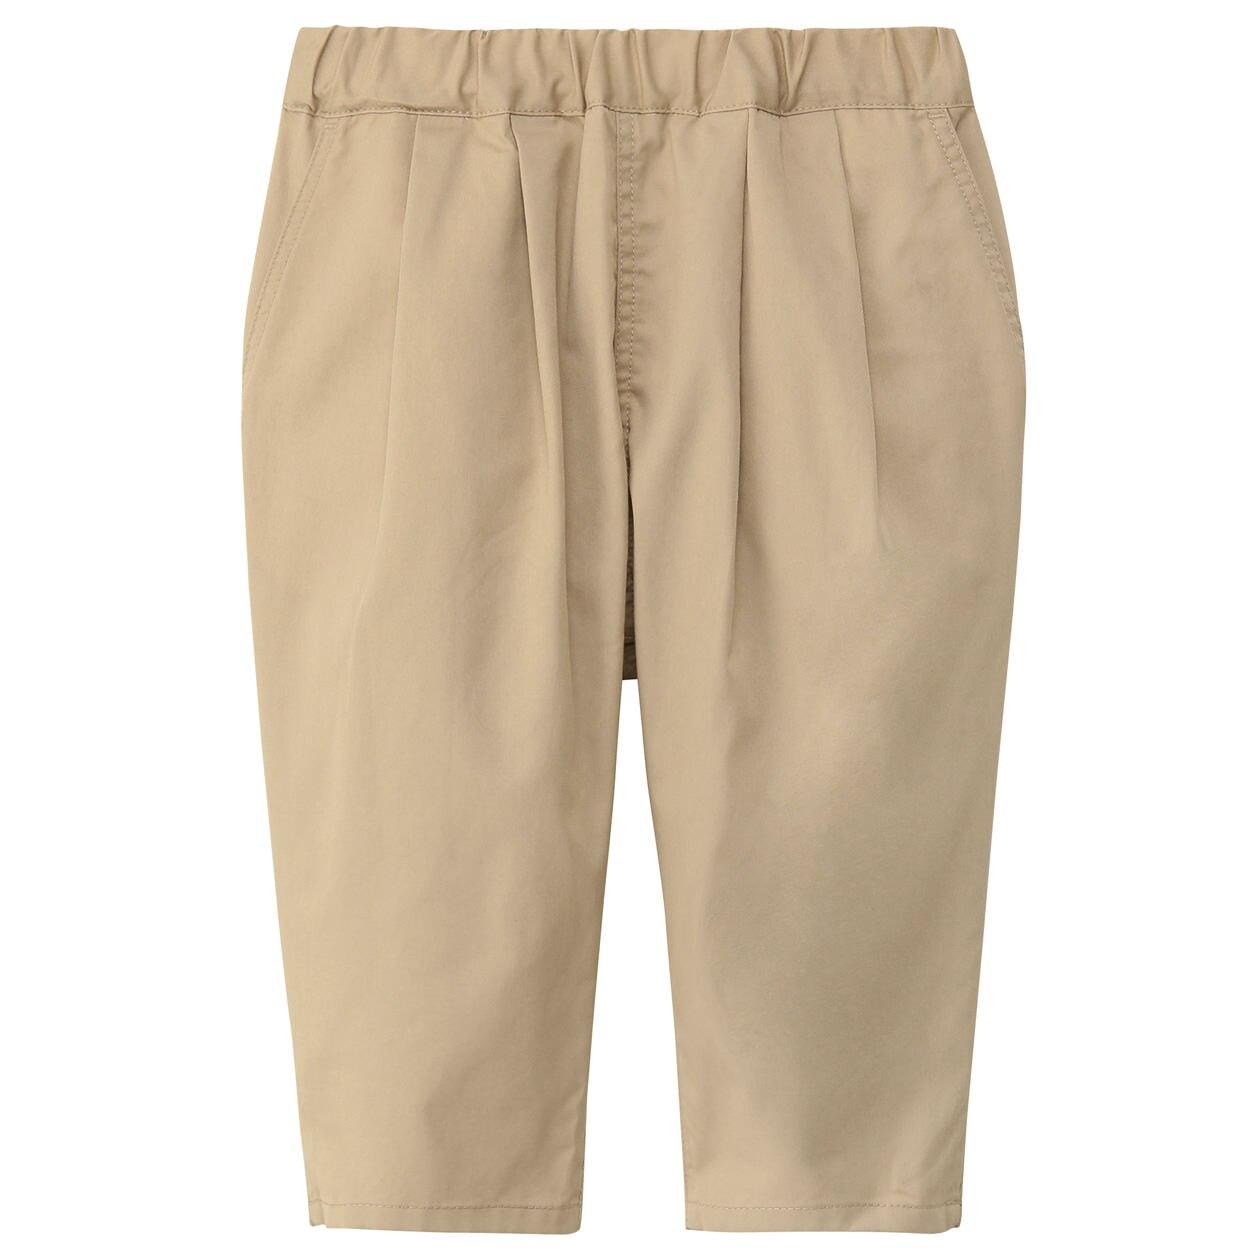 高密度織り六分丈パンツ(キッズ)